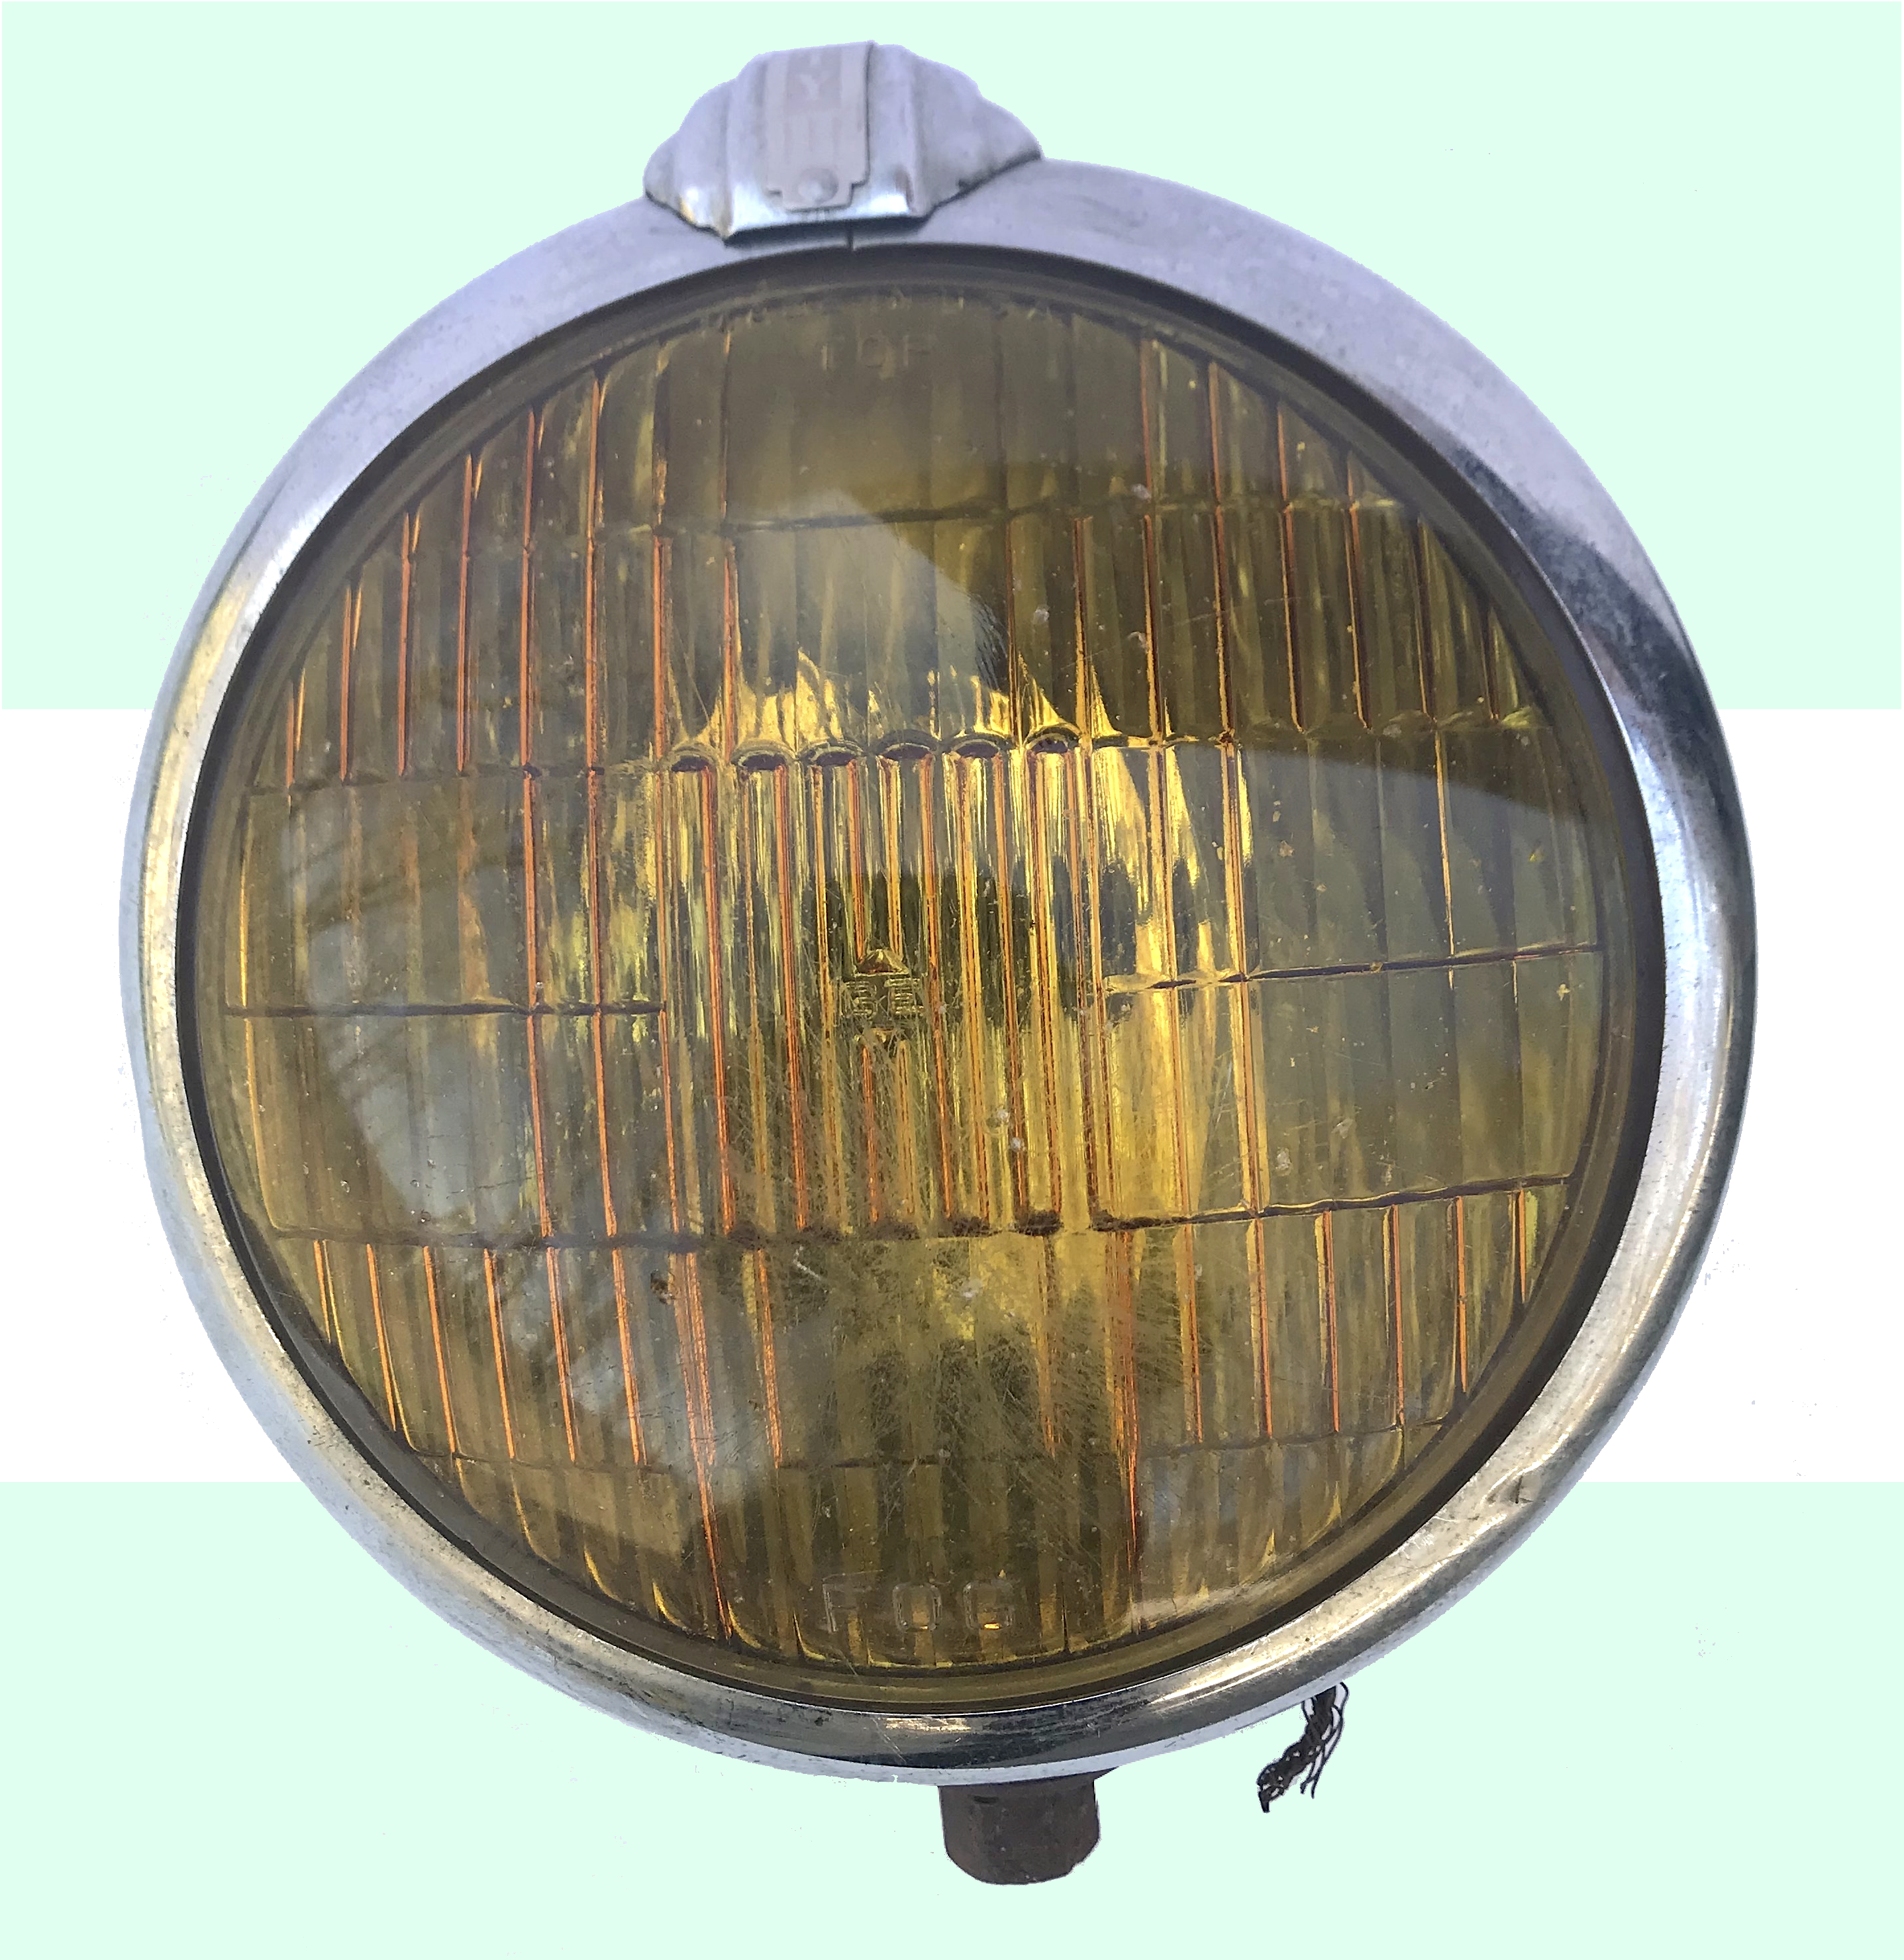 Unity MFG S-3 Safety Light